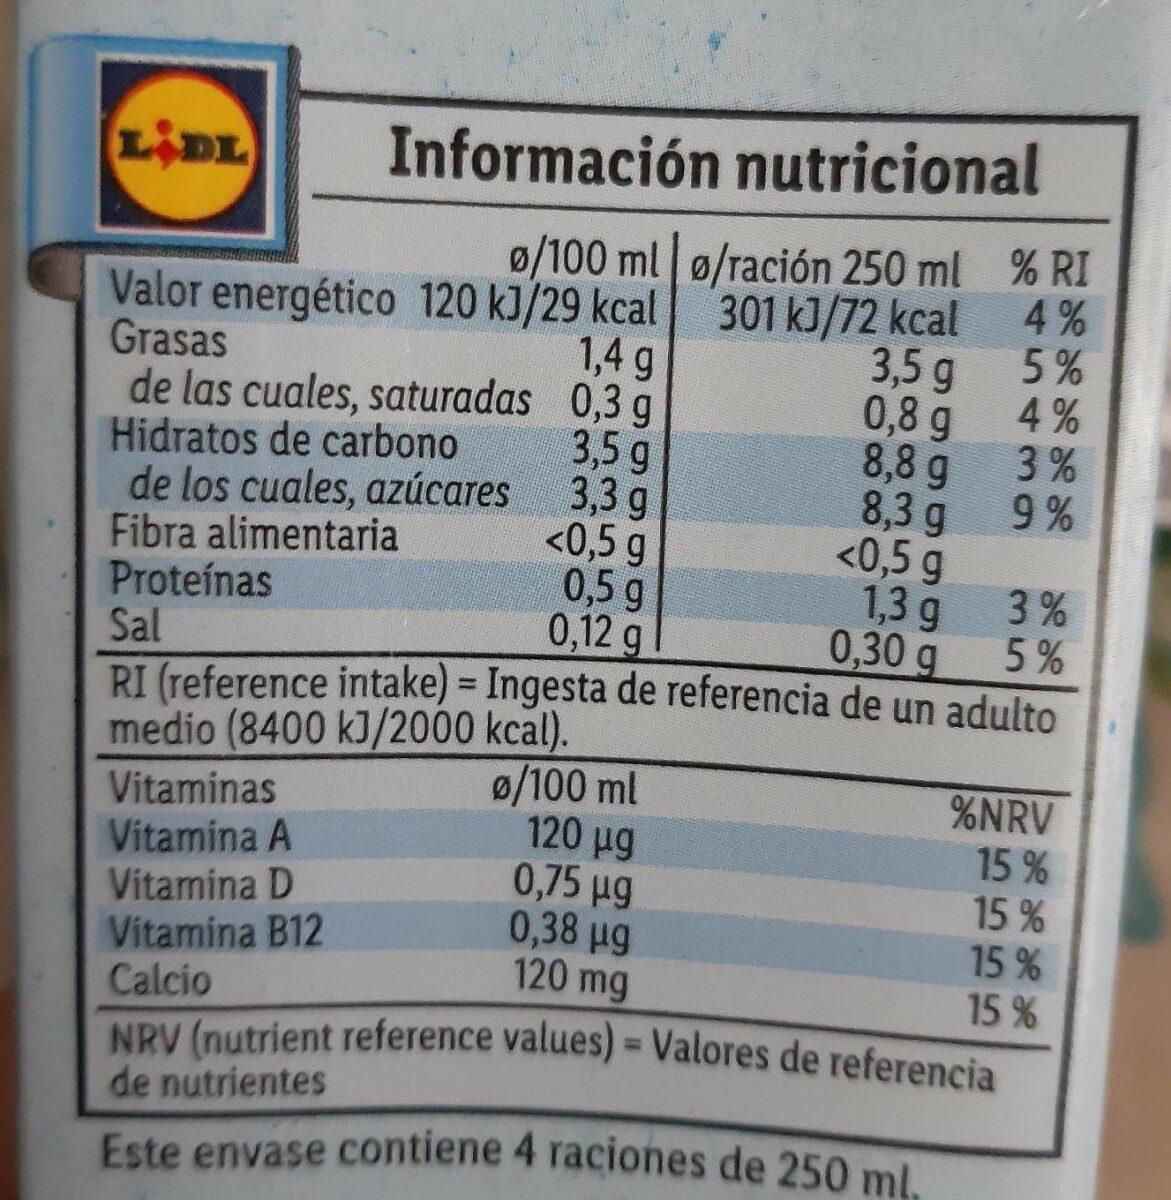 Leche de Almendra Calcio - Información nutricional - es